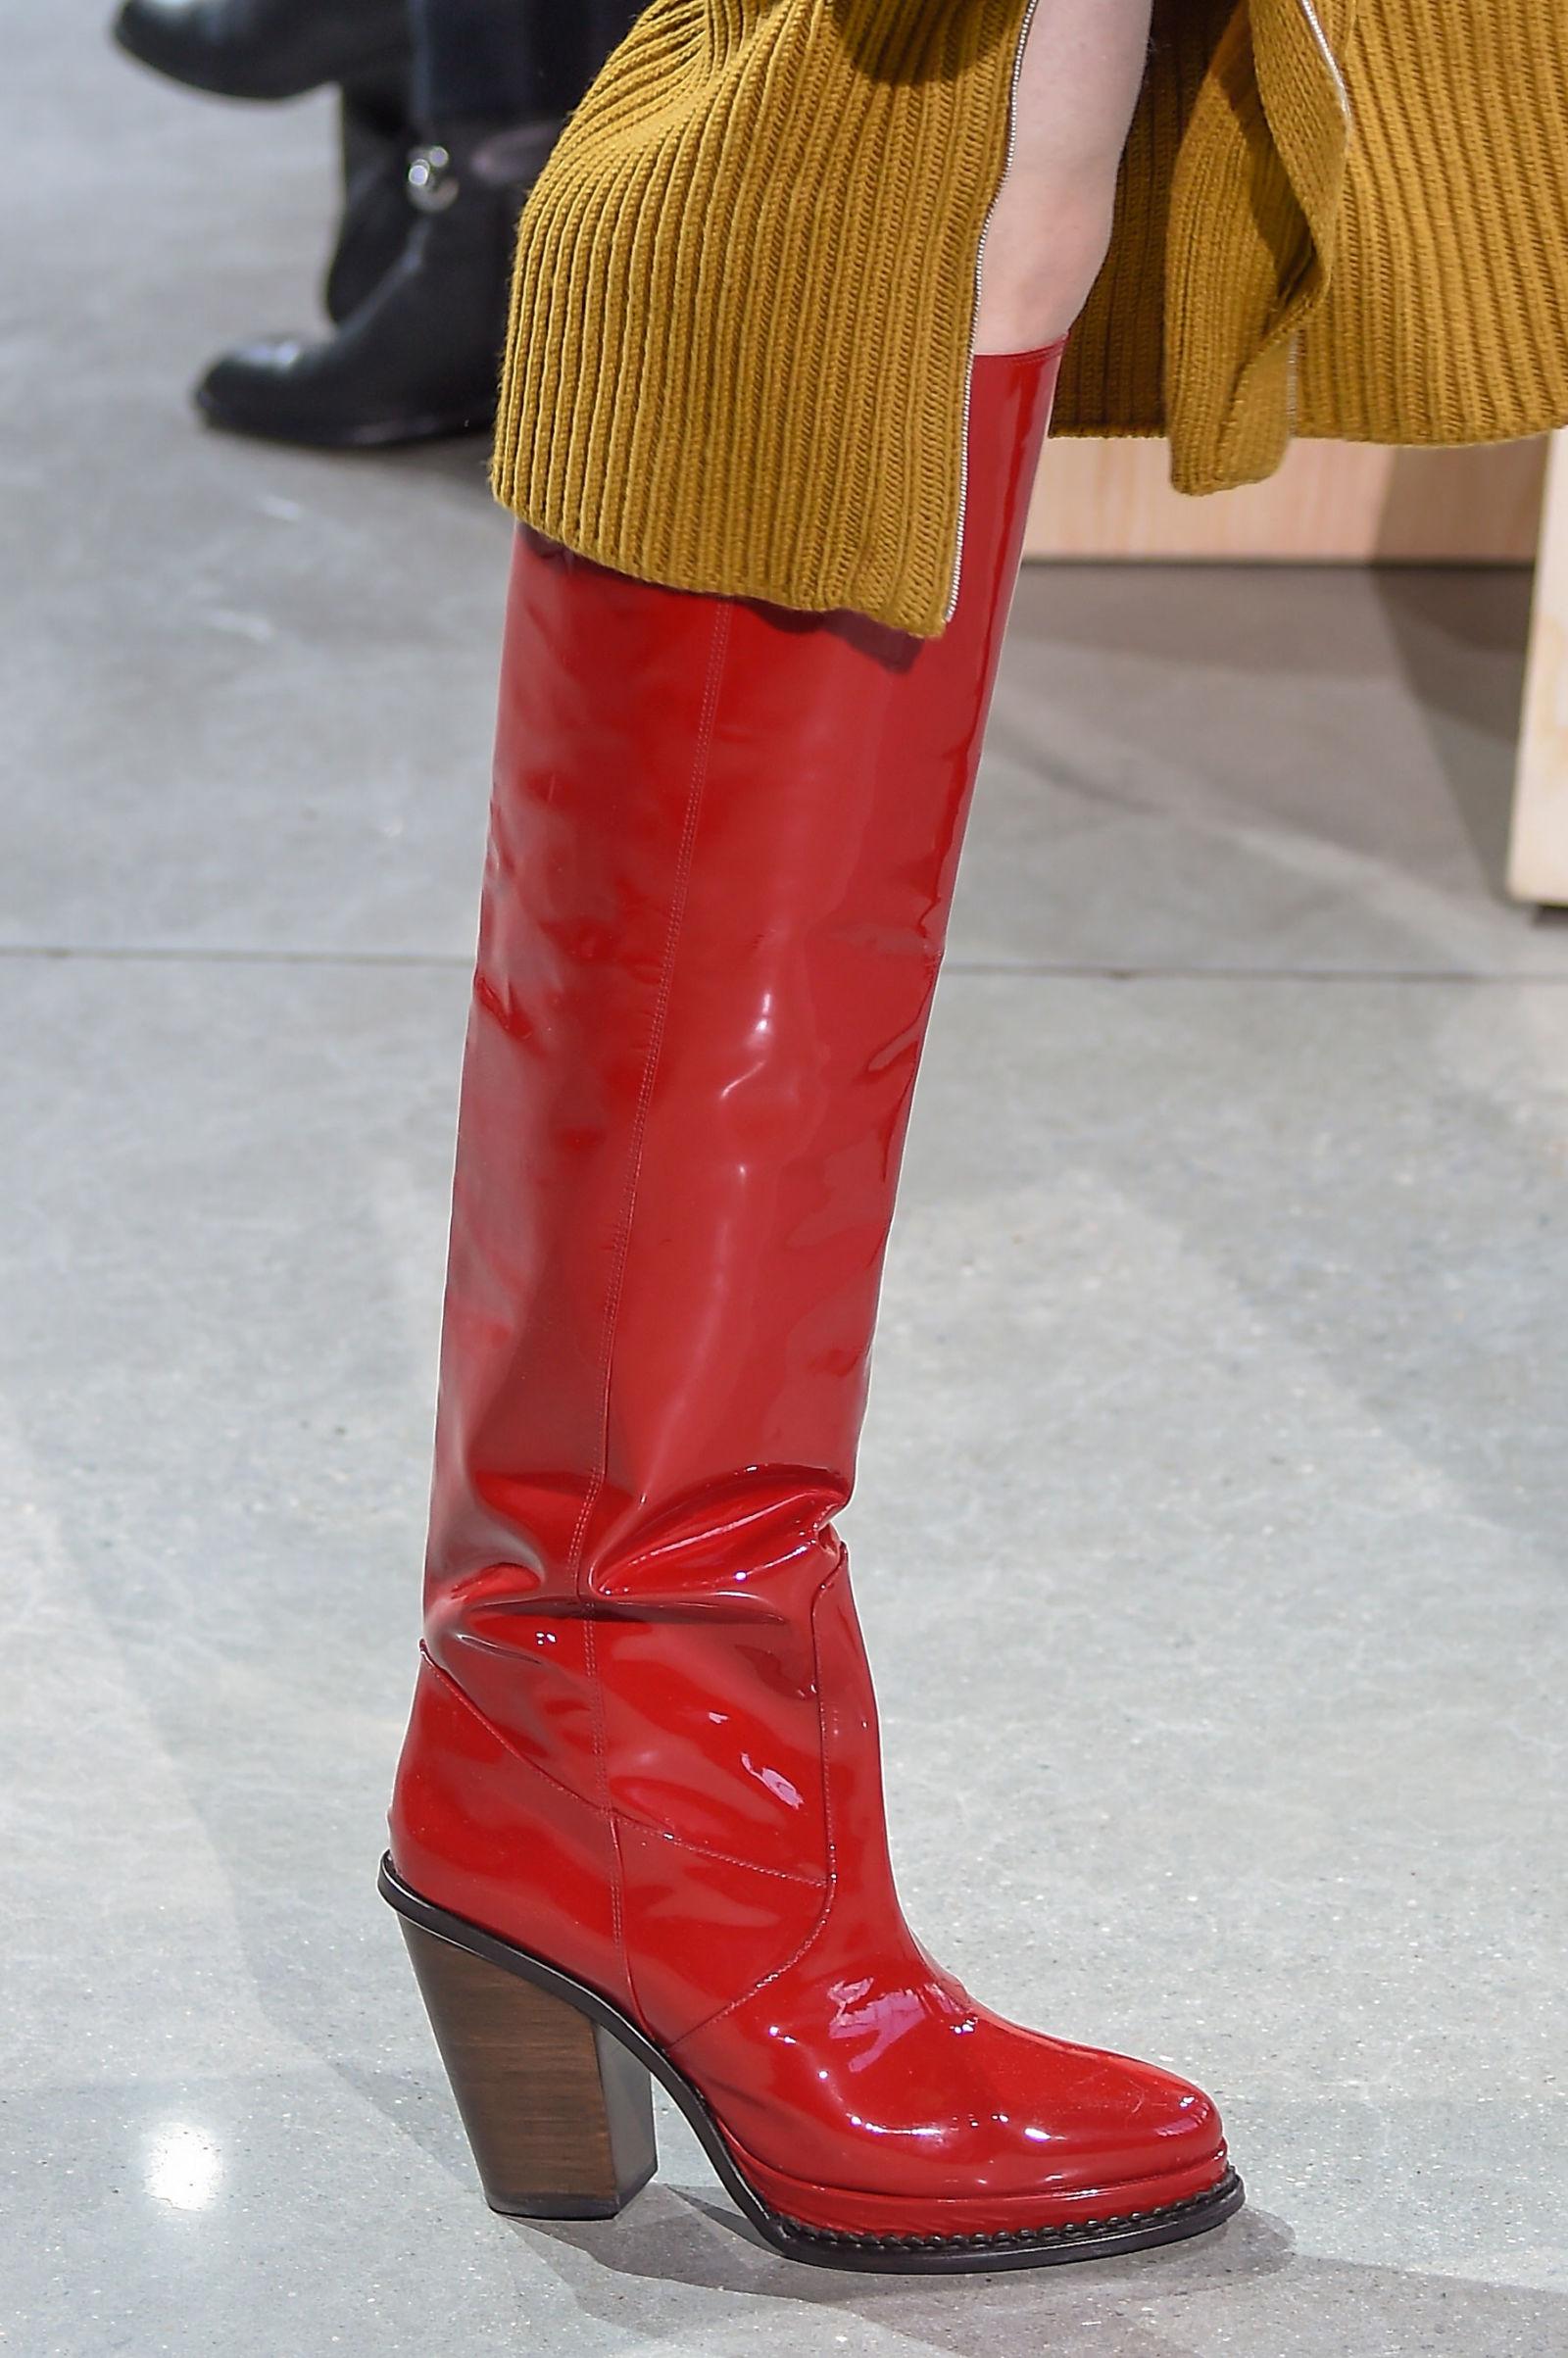 Красные лакированные сапоги в коллекции Lacoste на неделе моды осень-зима 2016-2017 в Нью-Йорке